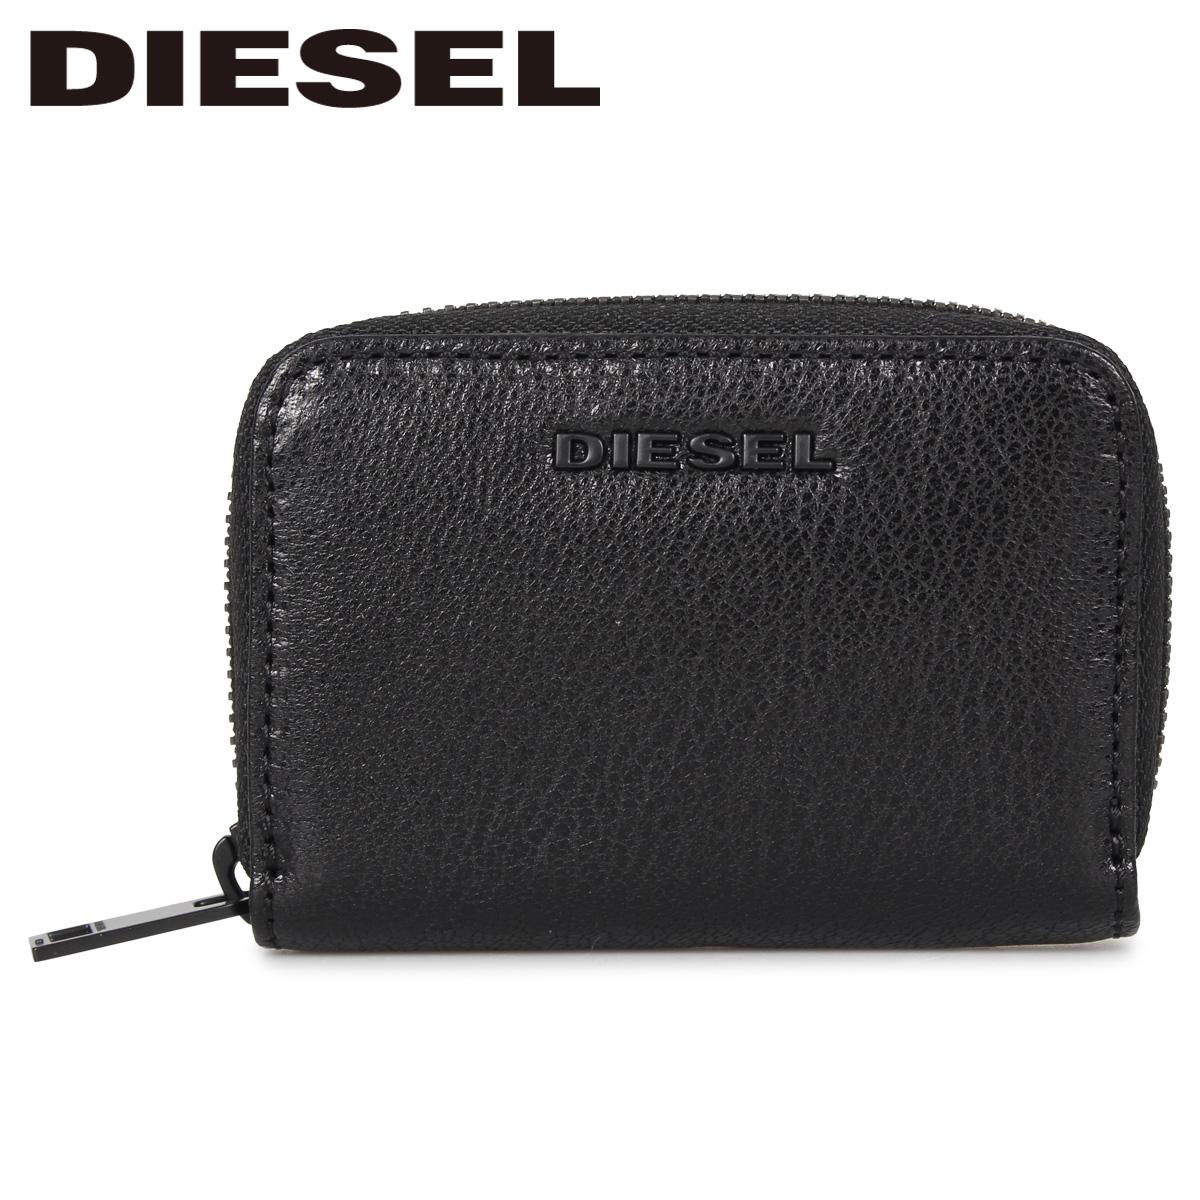 DIESEL ディーゼル コインケース 小銭入れ メンズ JAPAROUND ブラック 黒 X06642-P3043